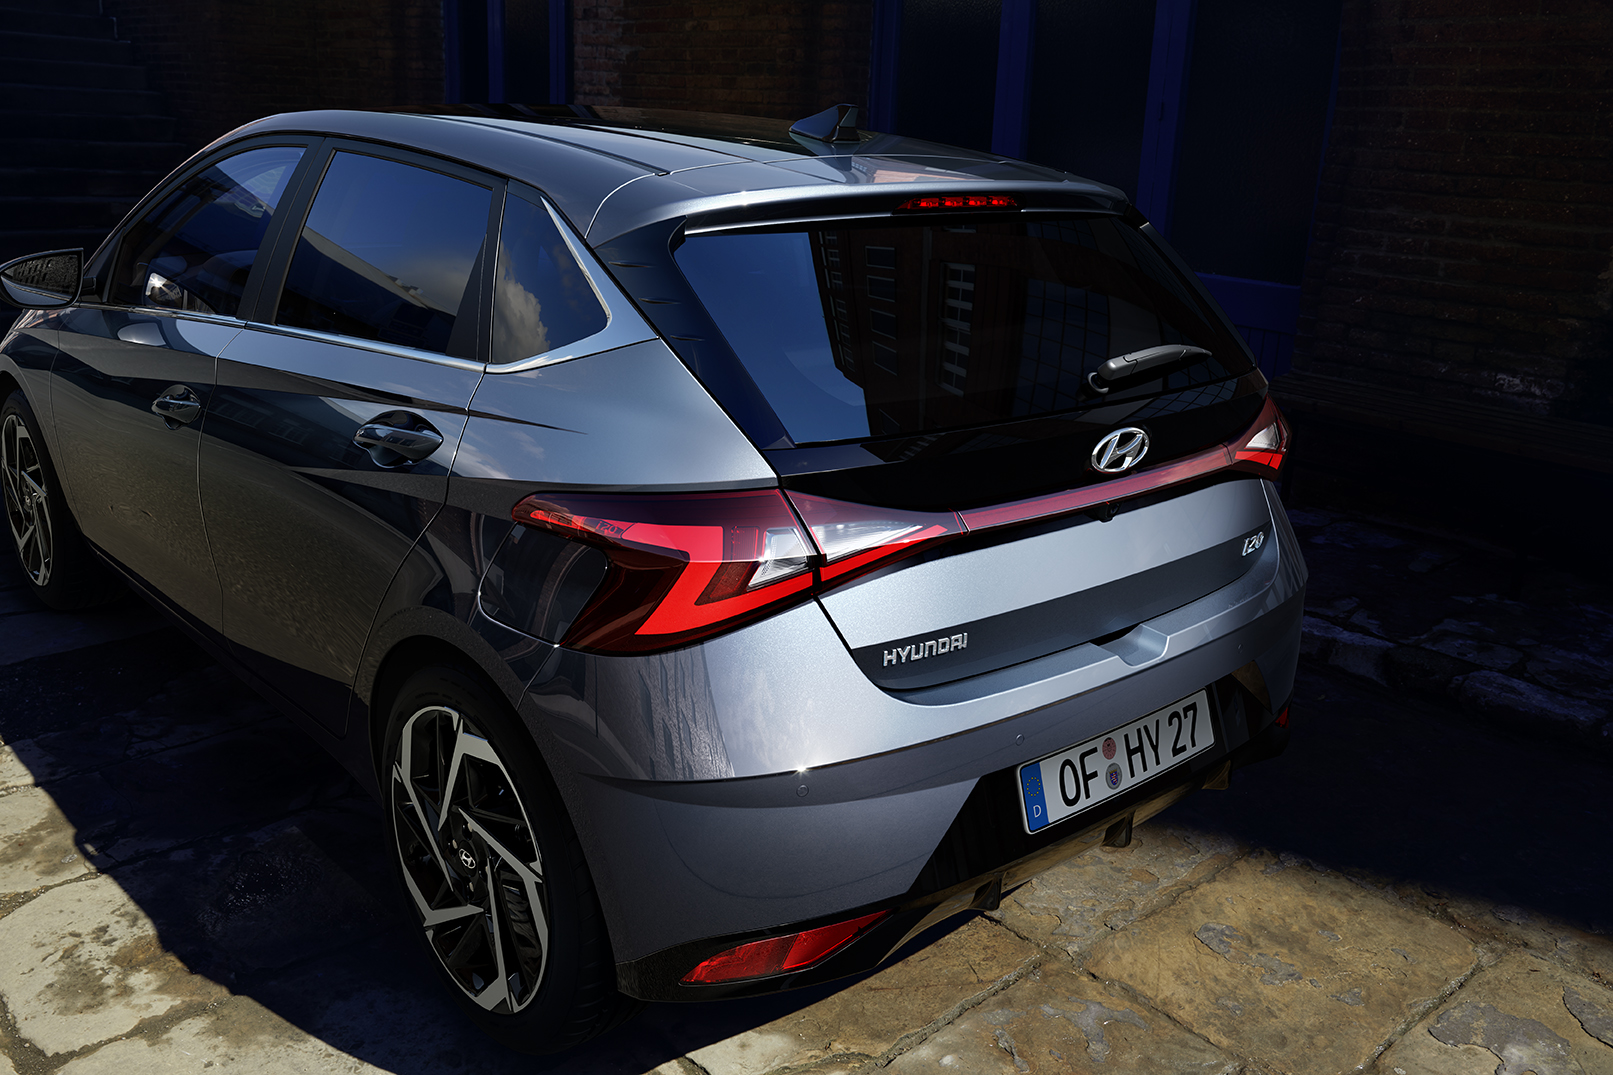 Arrière de la nouvelle Hyundai i20